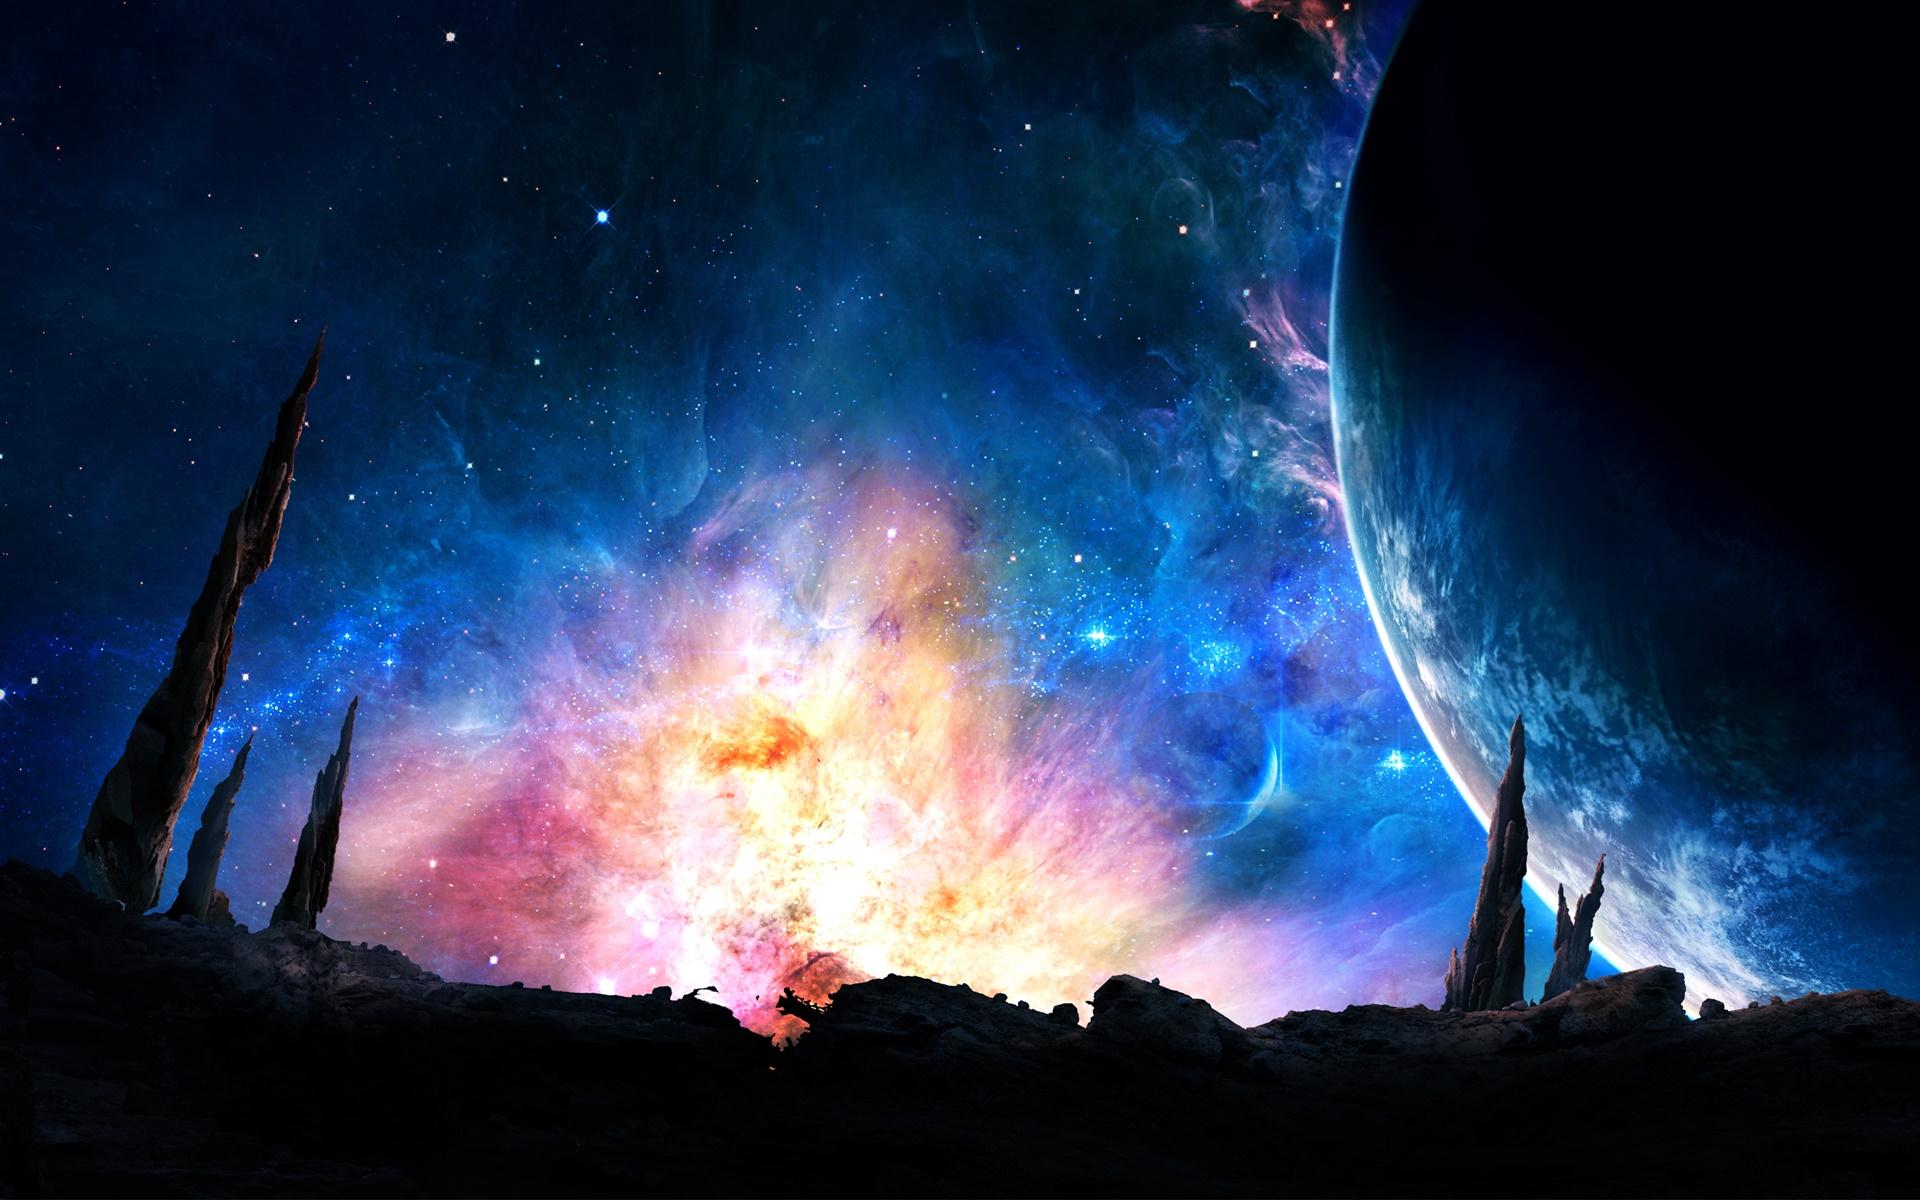 Lung linh rực rỡ của bầu trời ngoài vũ trụ